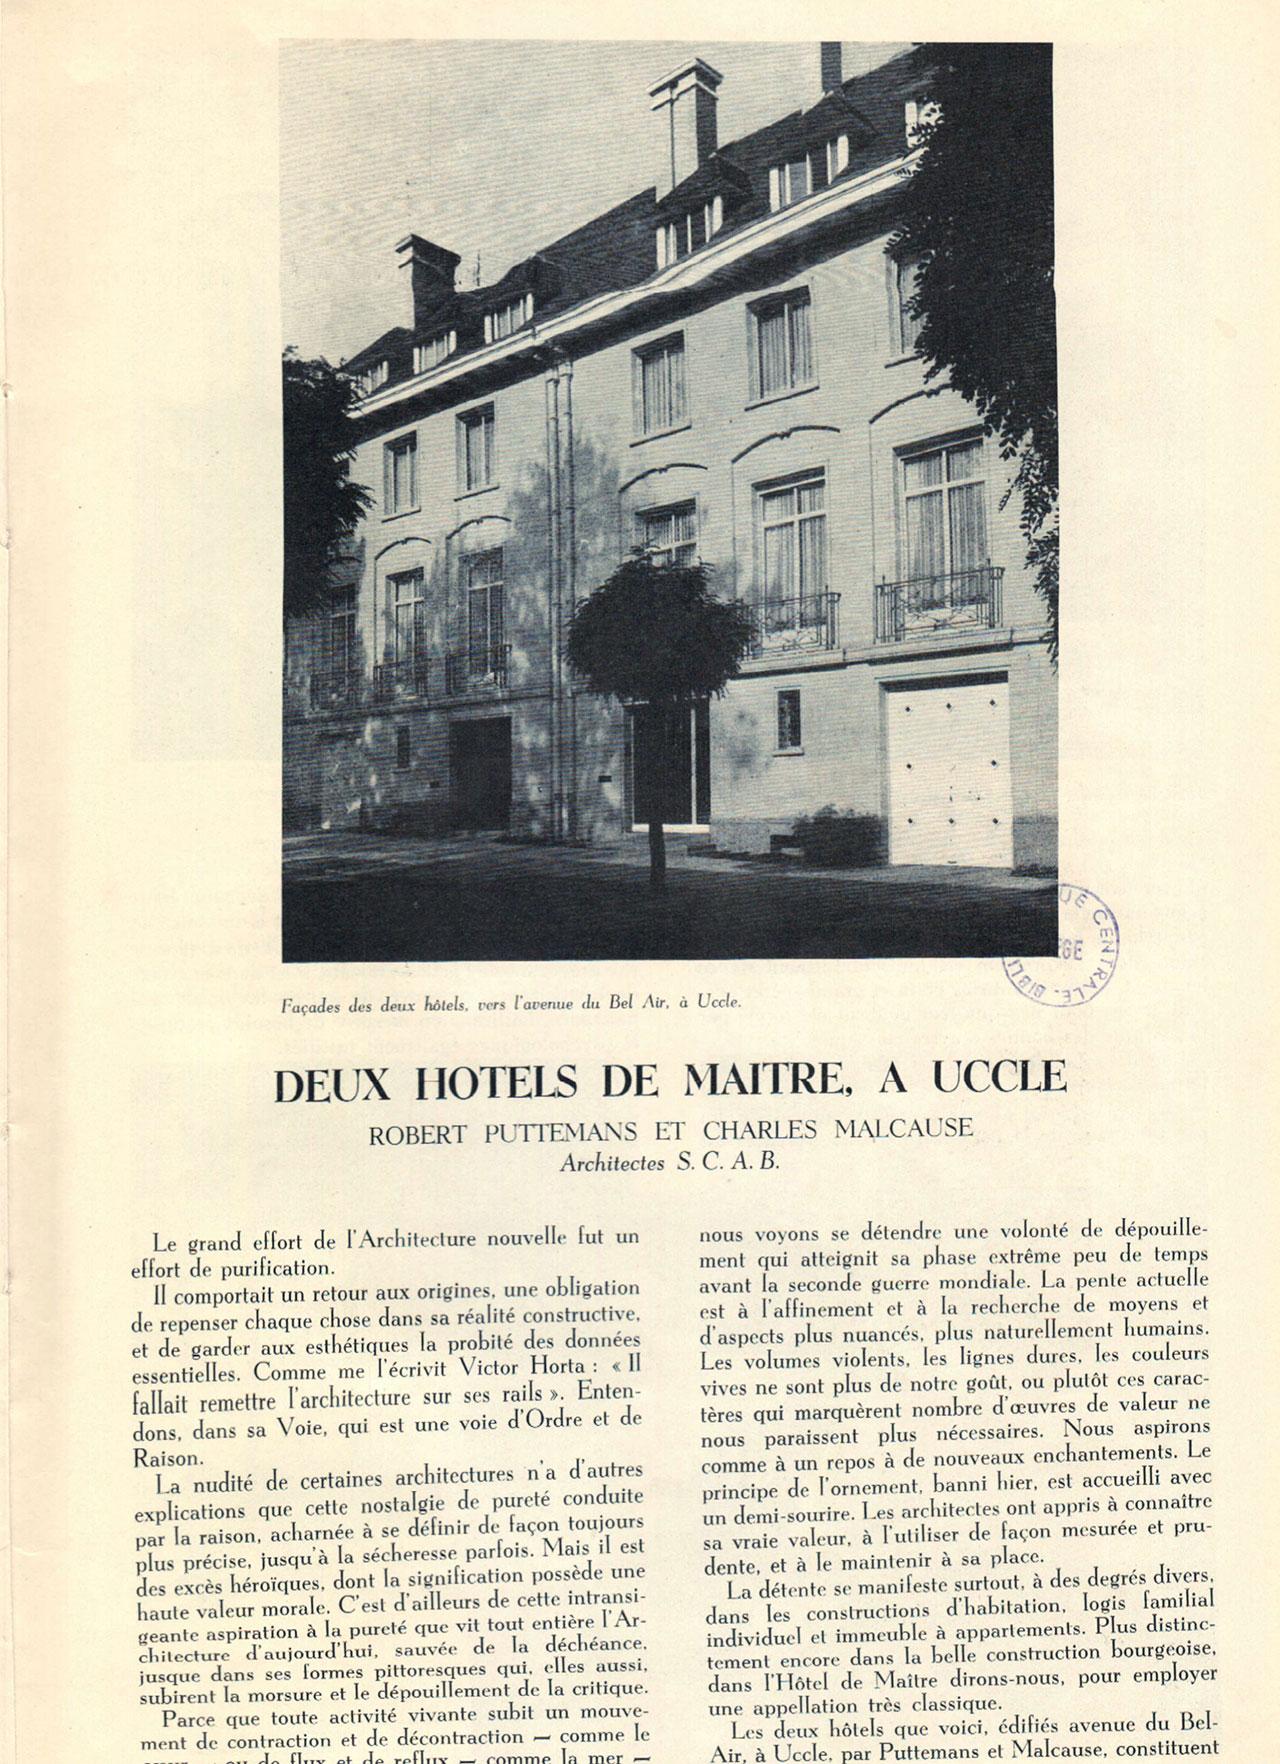 Deux hôtels de maître à Uccle